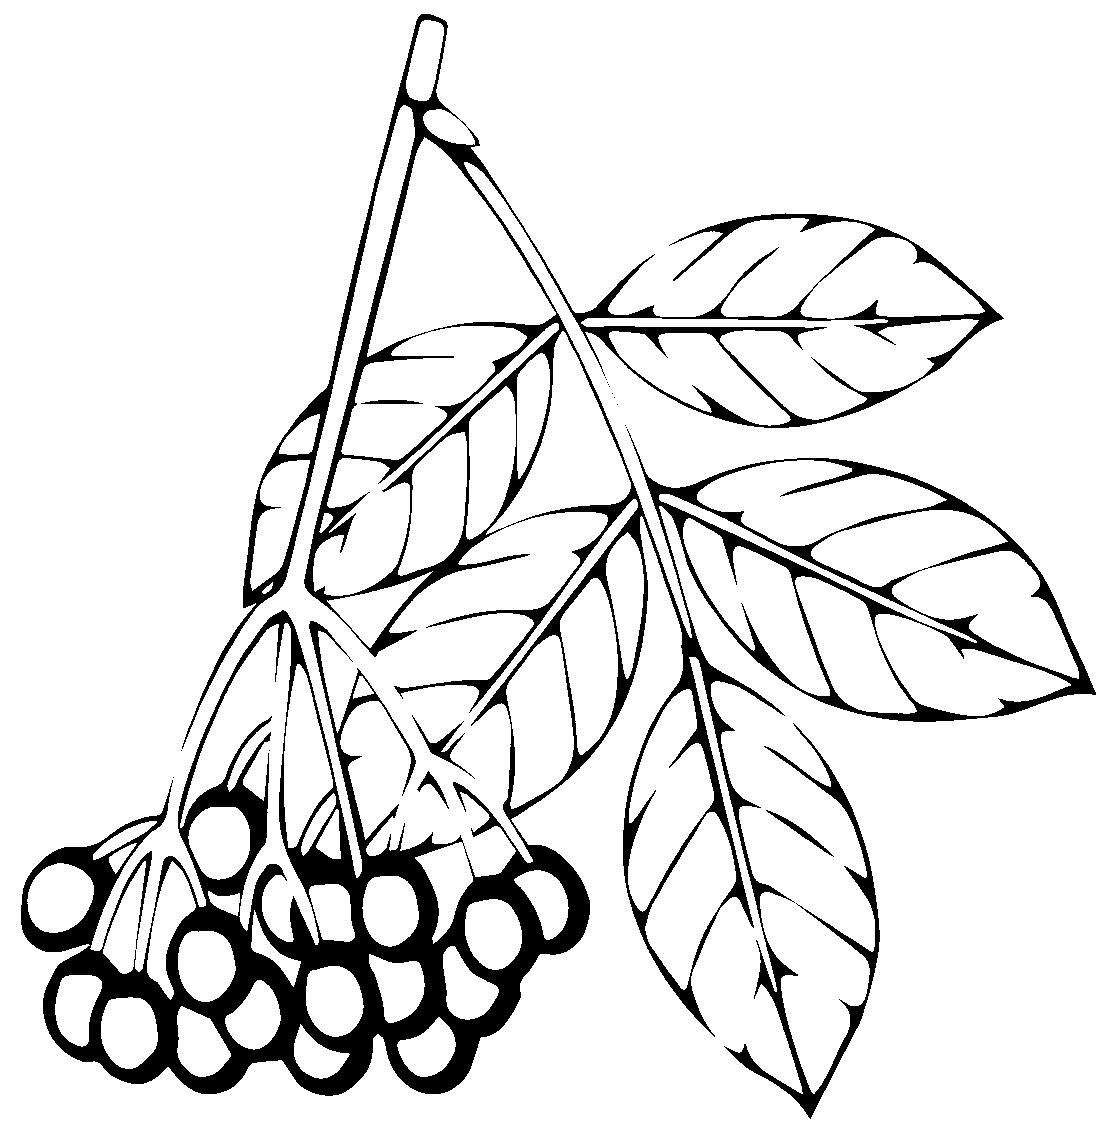 Раскраска гроздь рябины распечатать